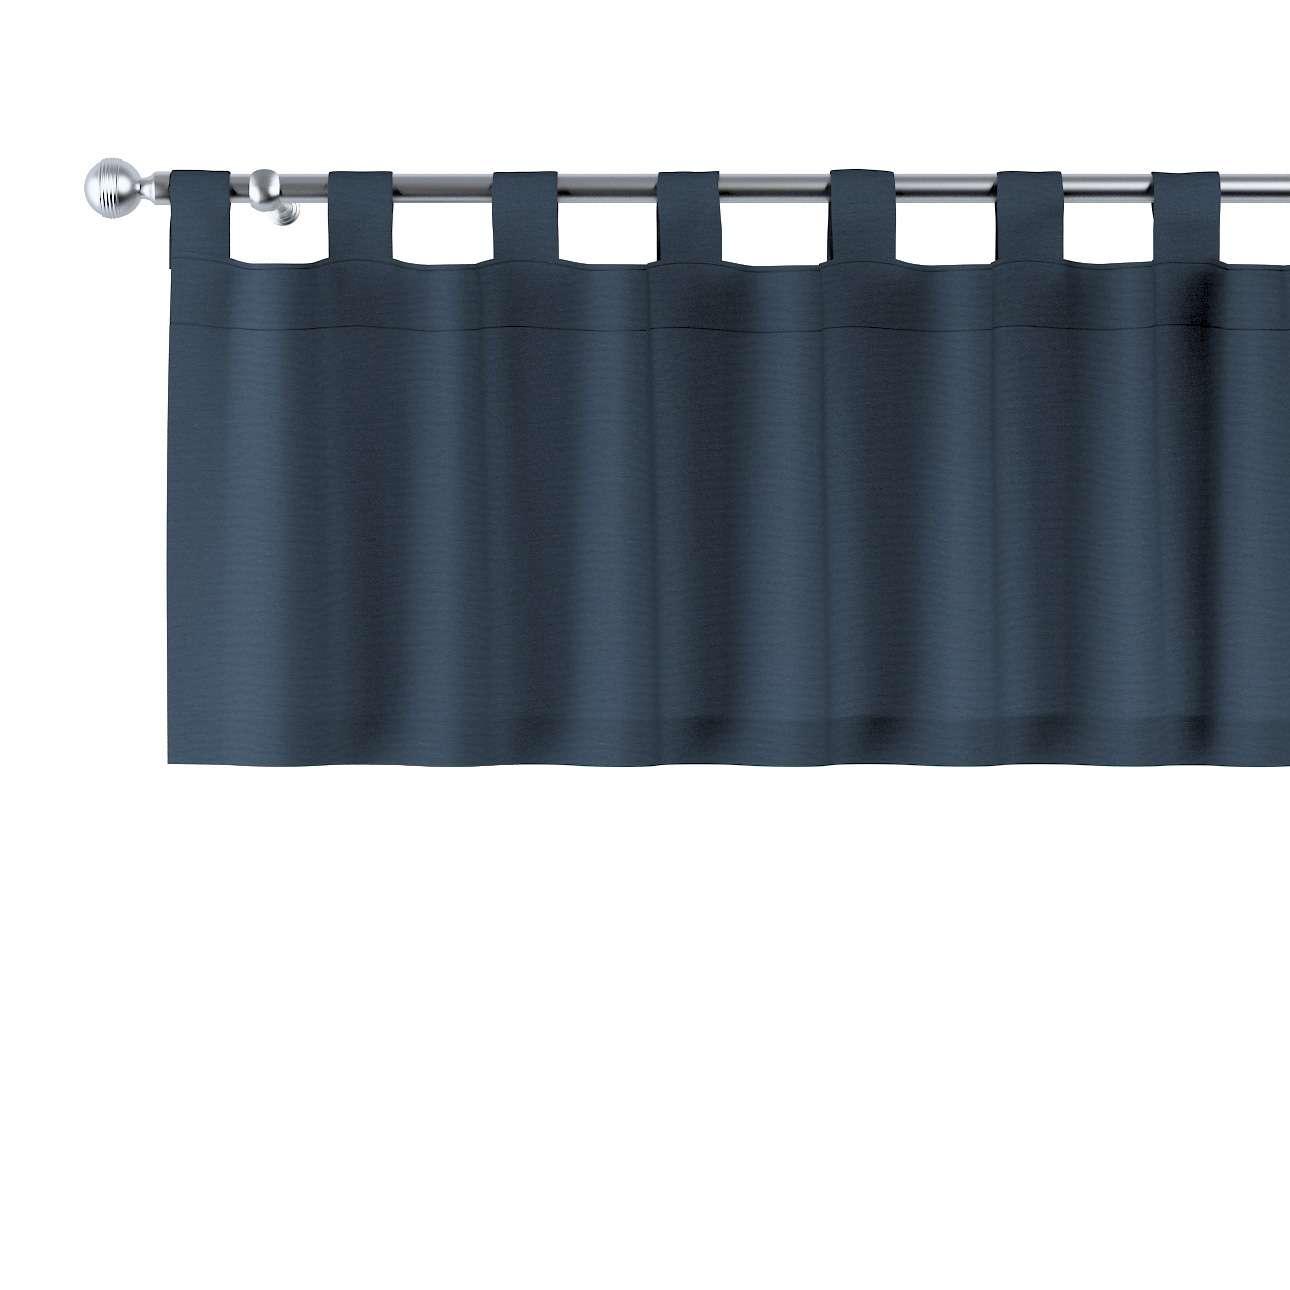 Kurzgardine mit Schlaufen von der Kollektion Quadro, Stoff: 136-04